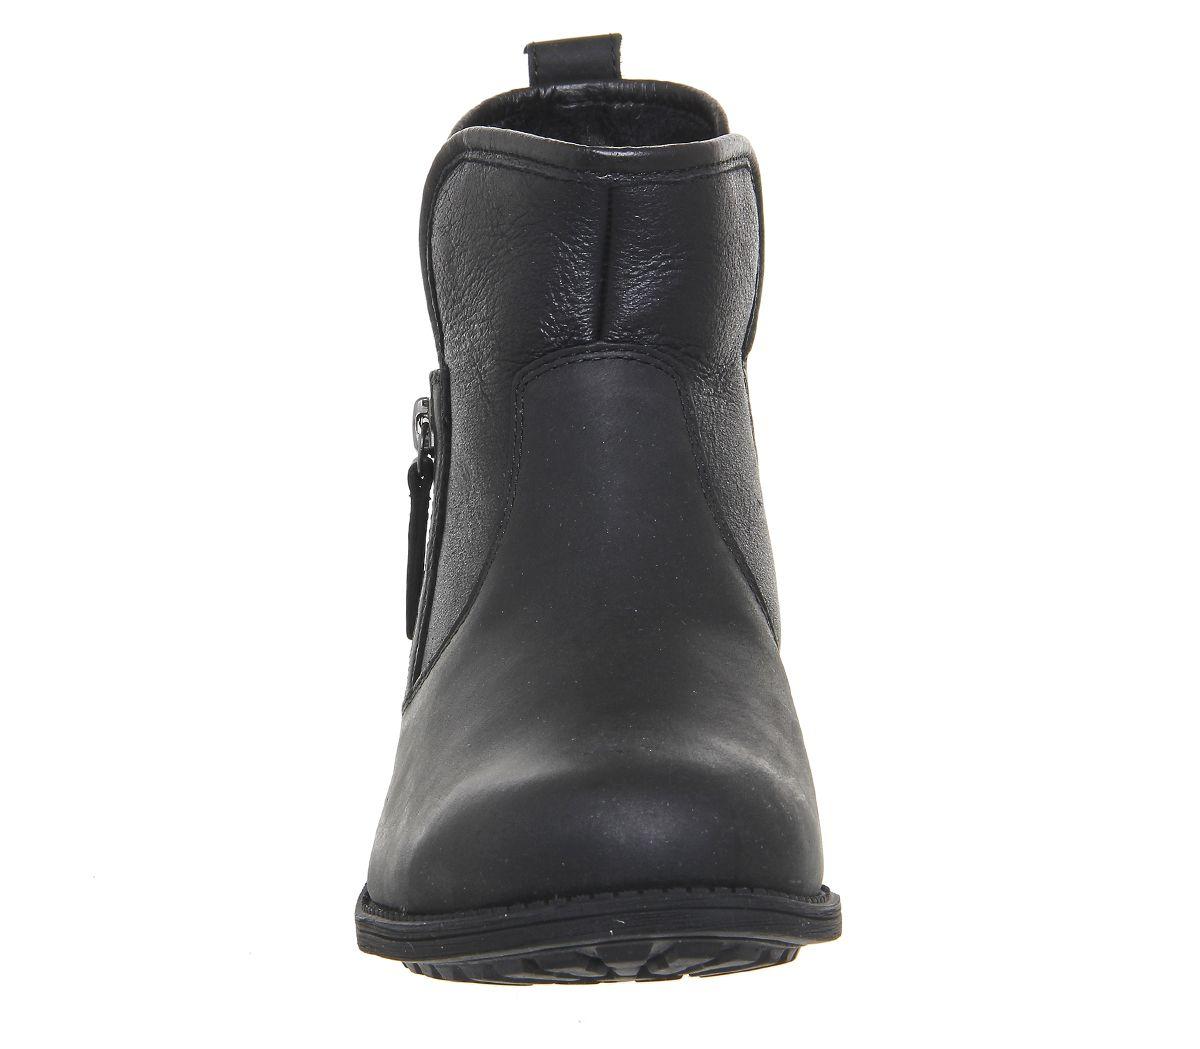 c3b78700490 Lavelle Zip Boots